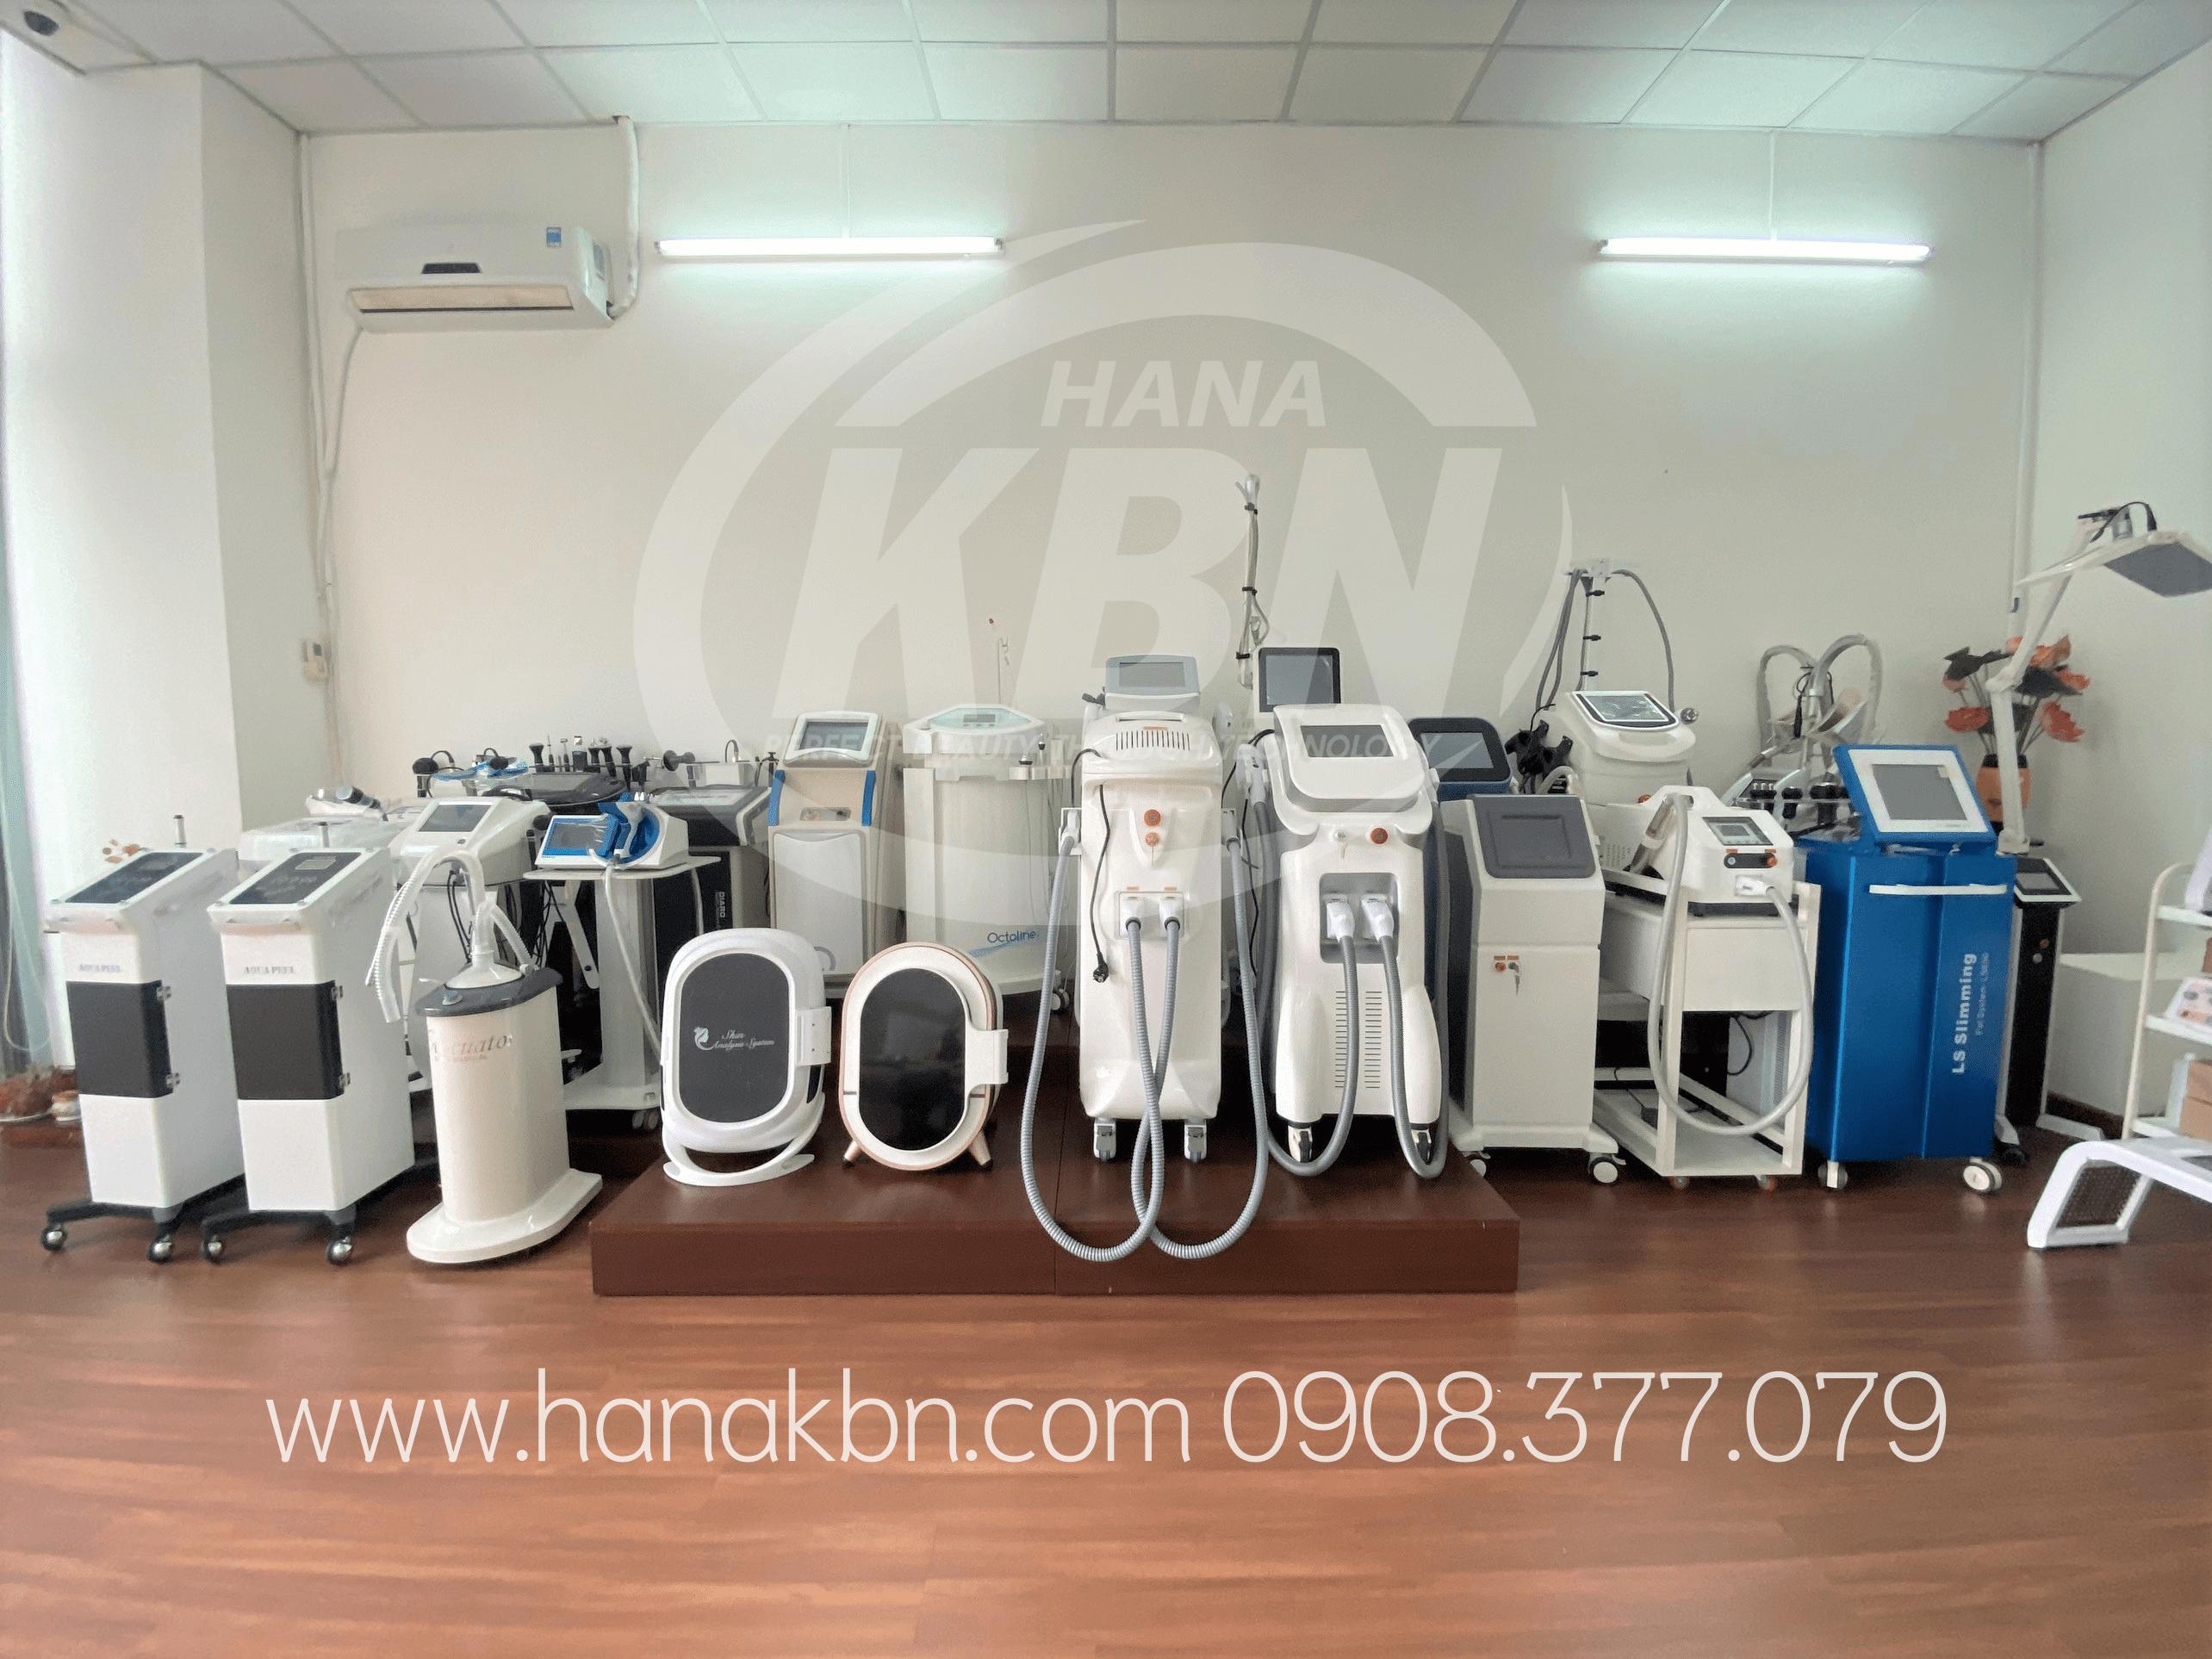 Hình ảnh thật các thiết bị spa tại Hana Kim Bách Nguyên